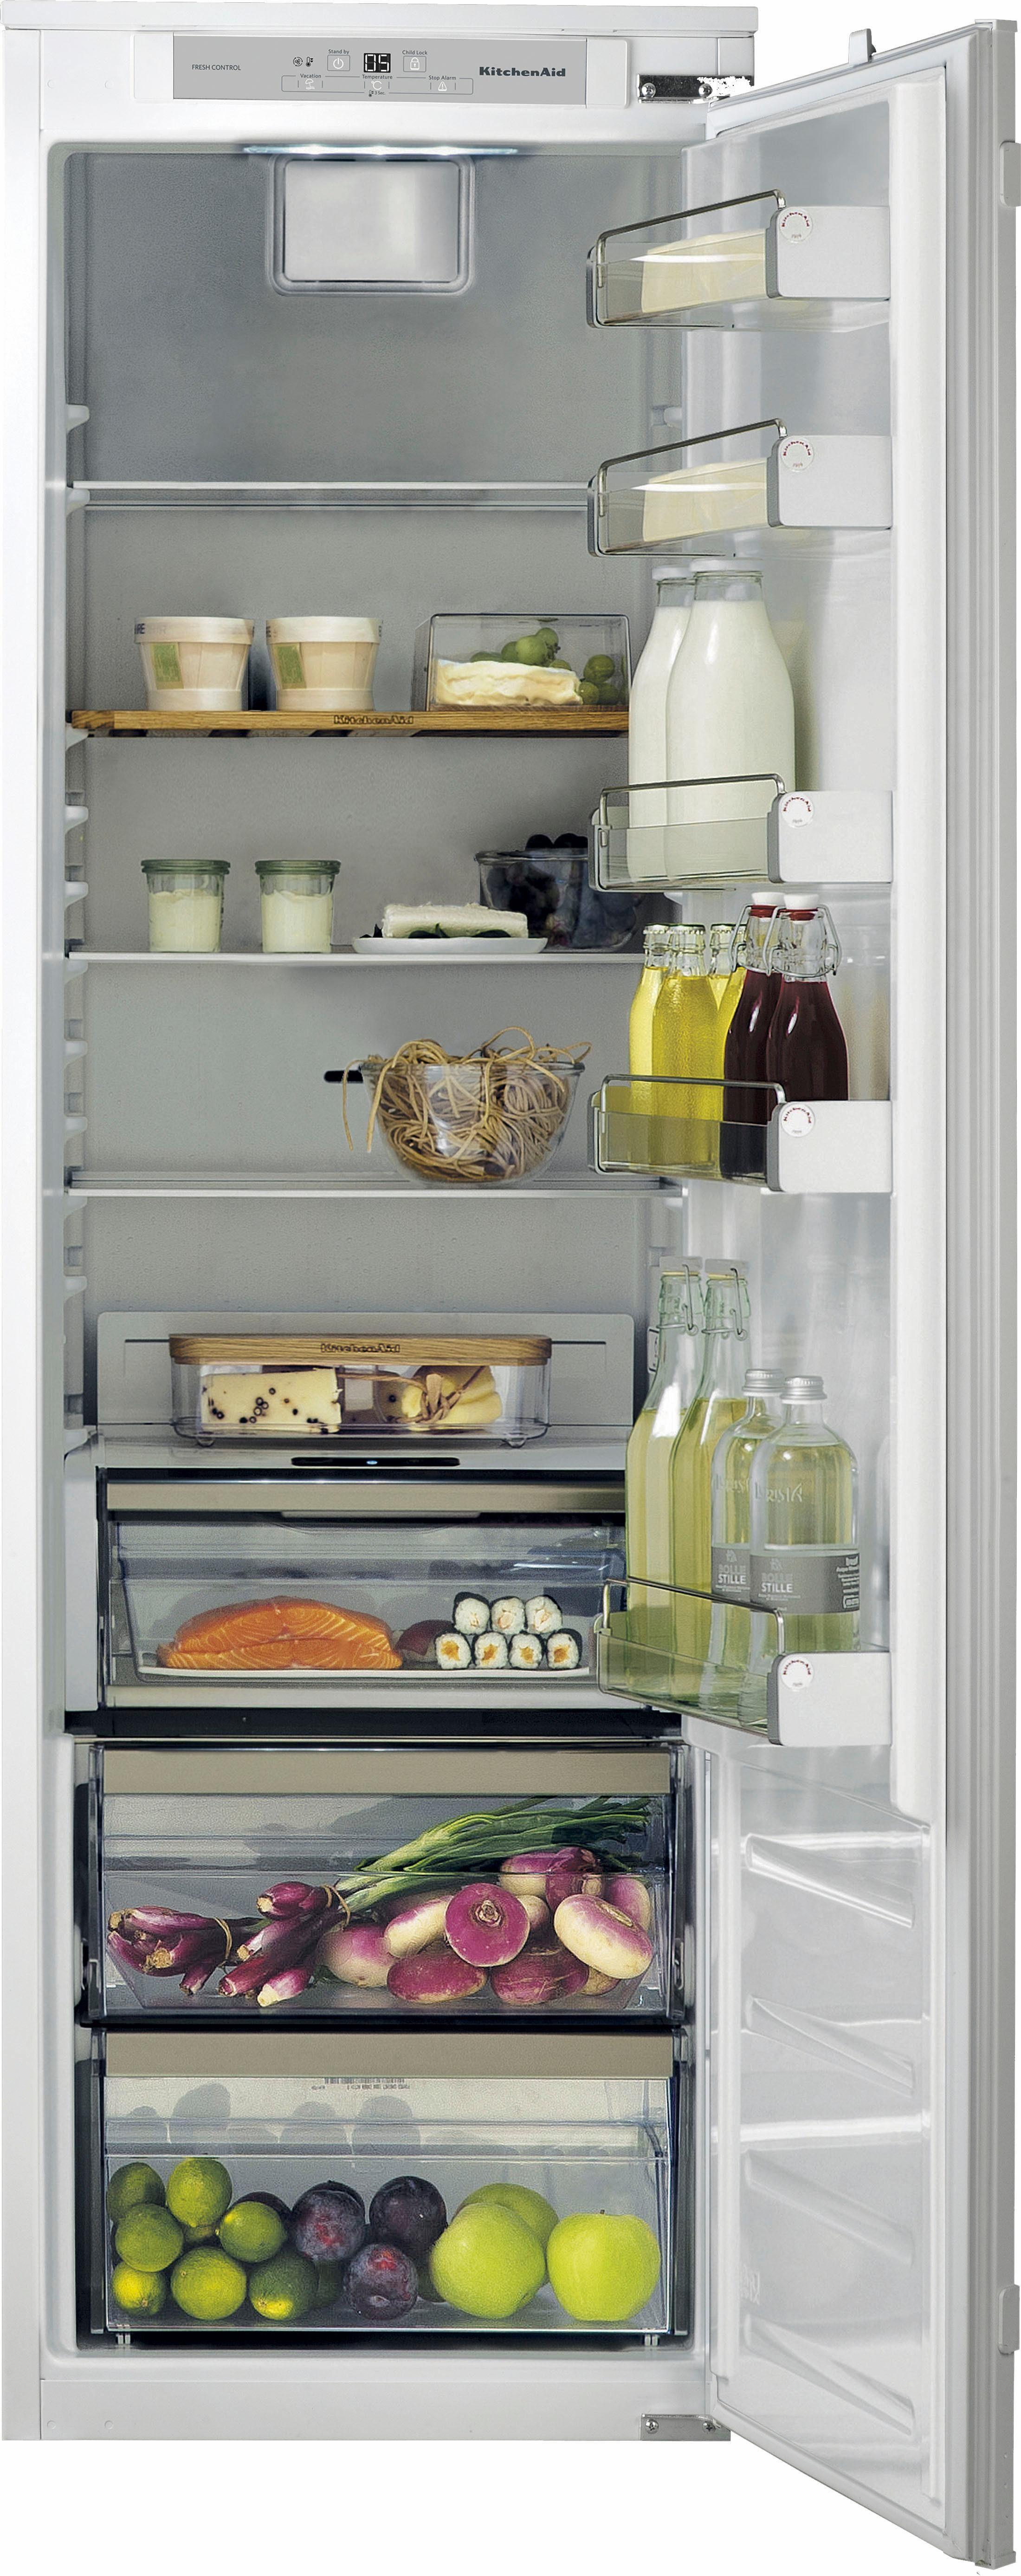 KitchenAid® vollintegrierbarer Kühlschrank KCBNS 18602, Energieklasse A+++, für 178er Nische